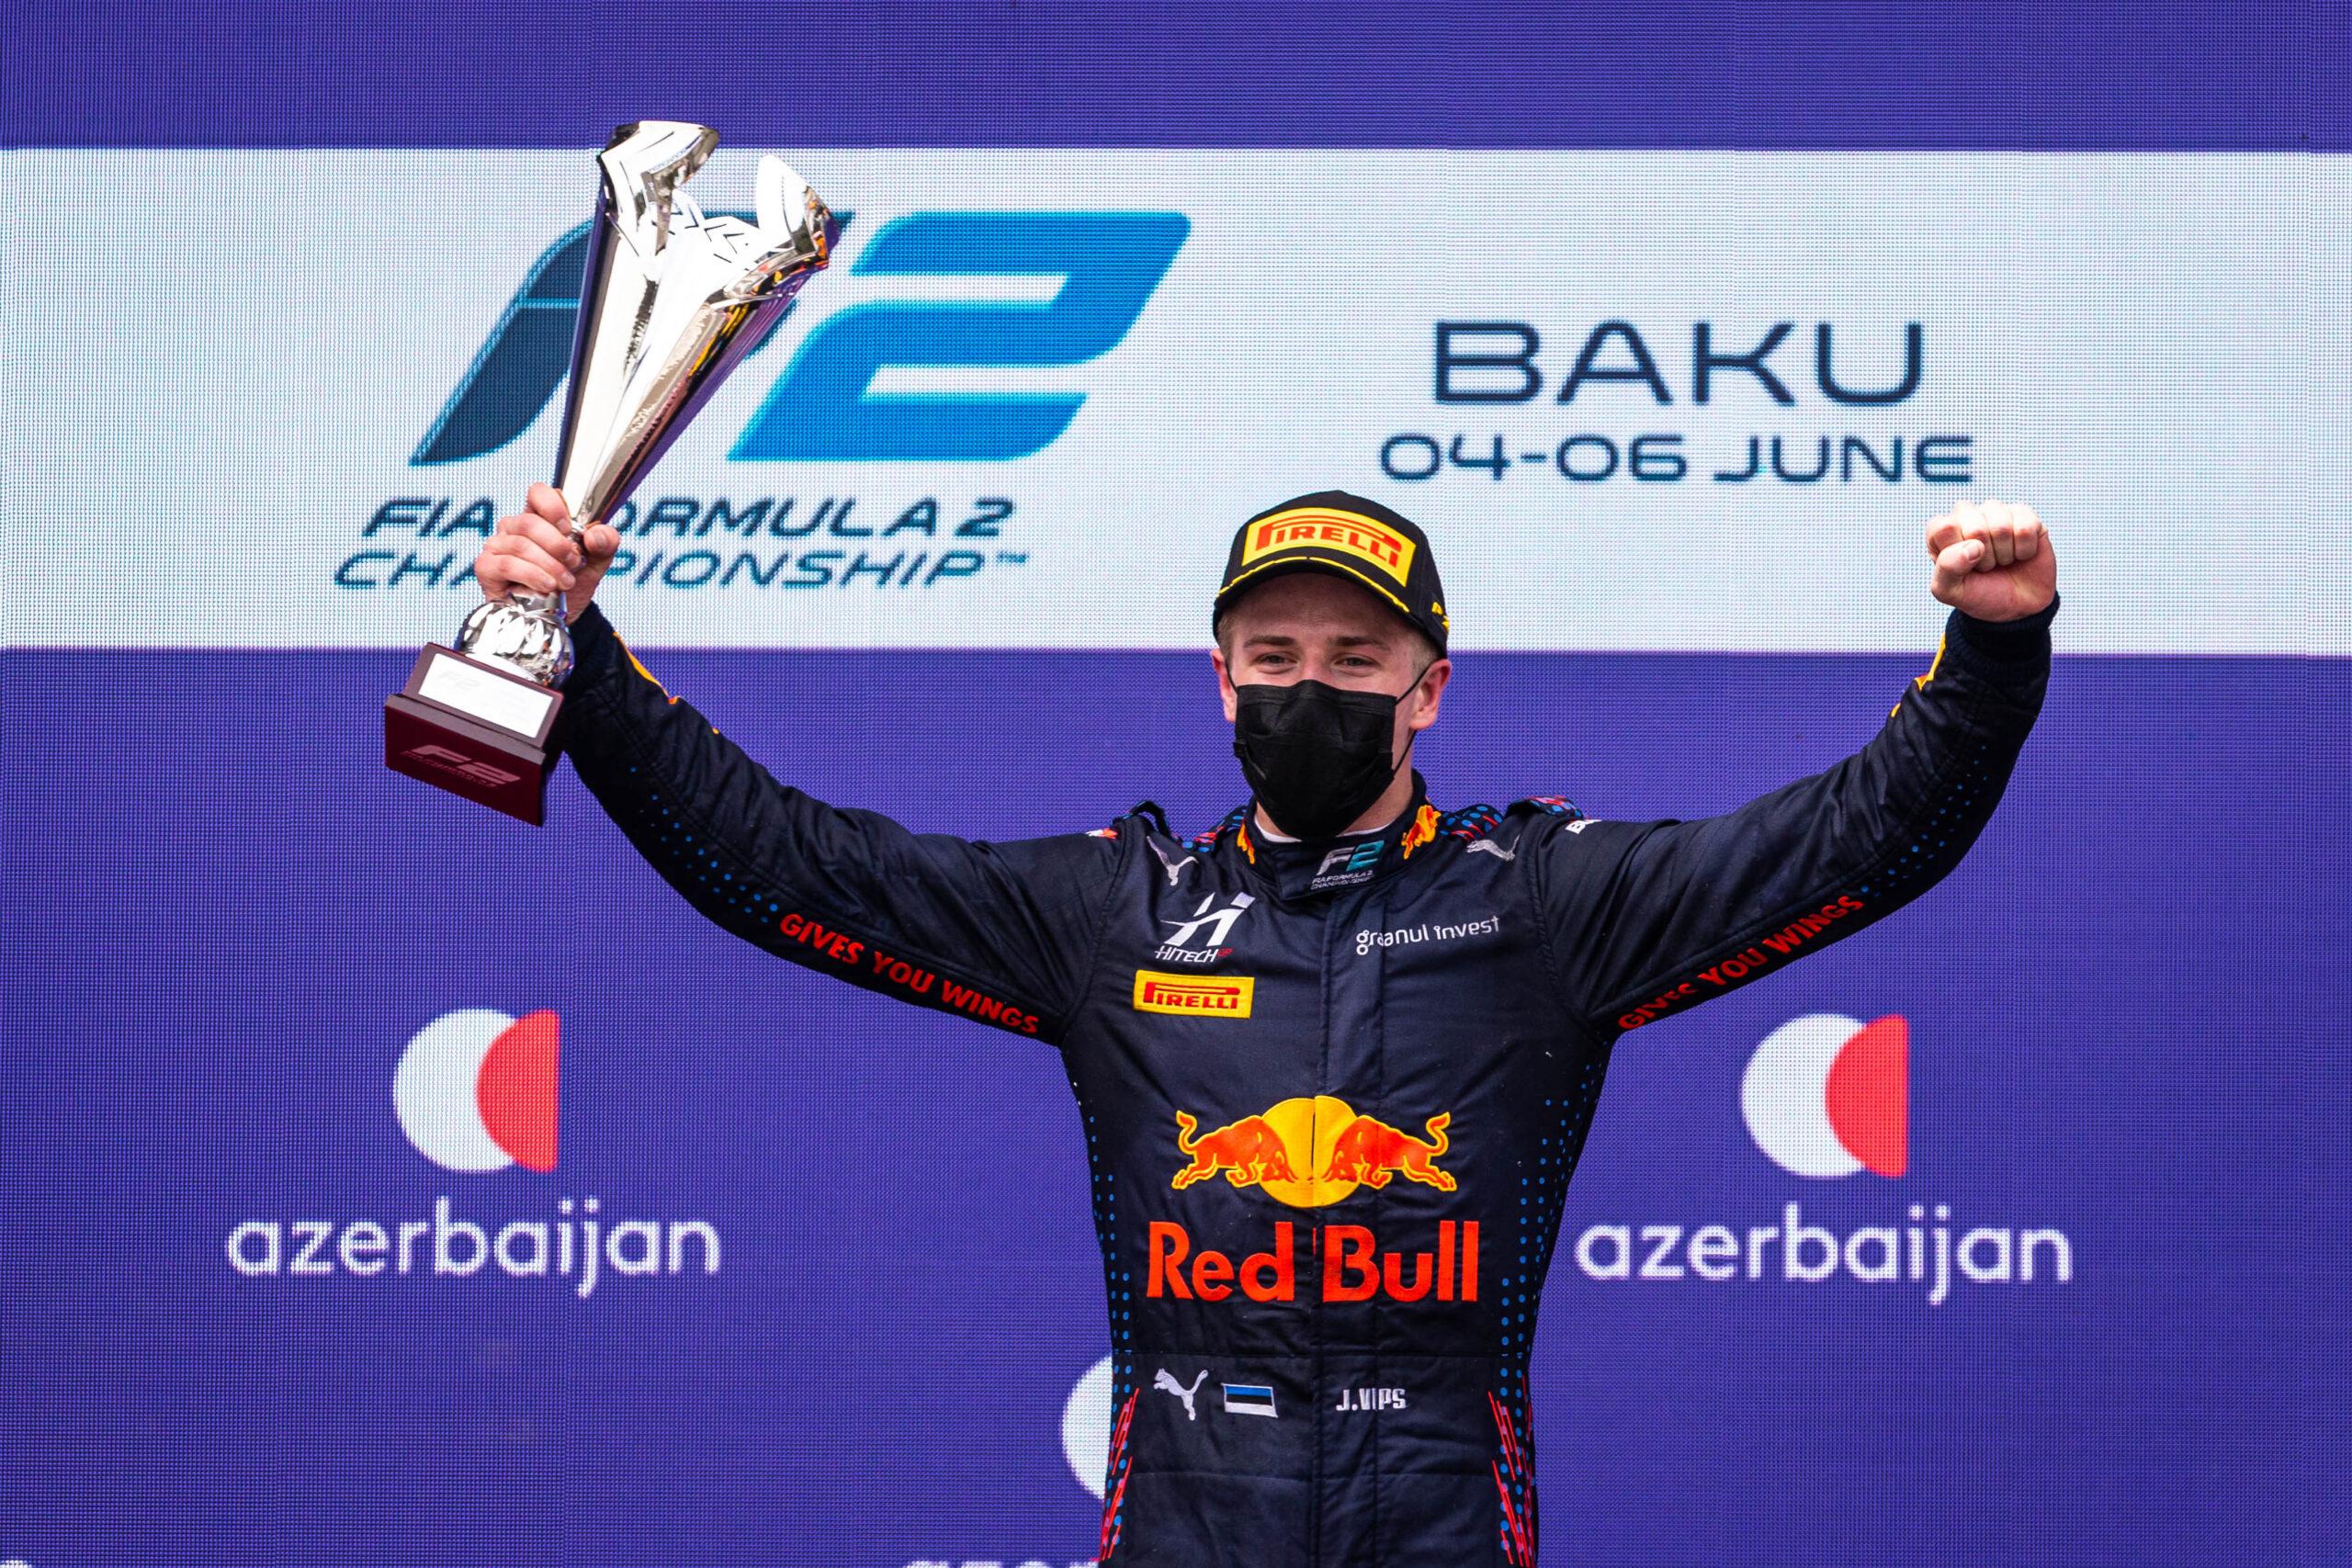 Vips Baku F2 double